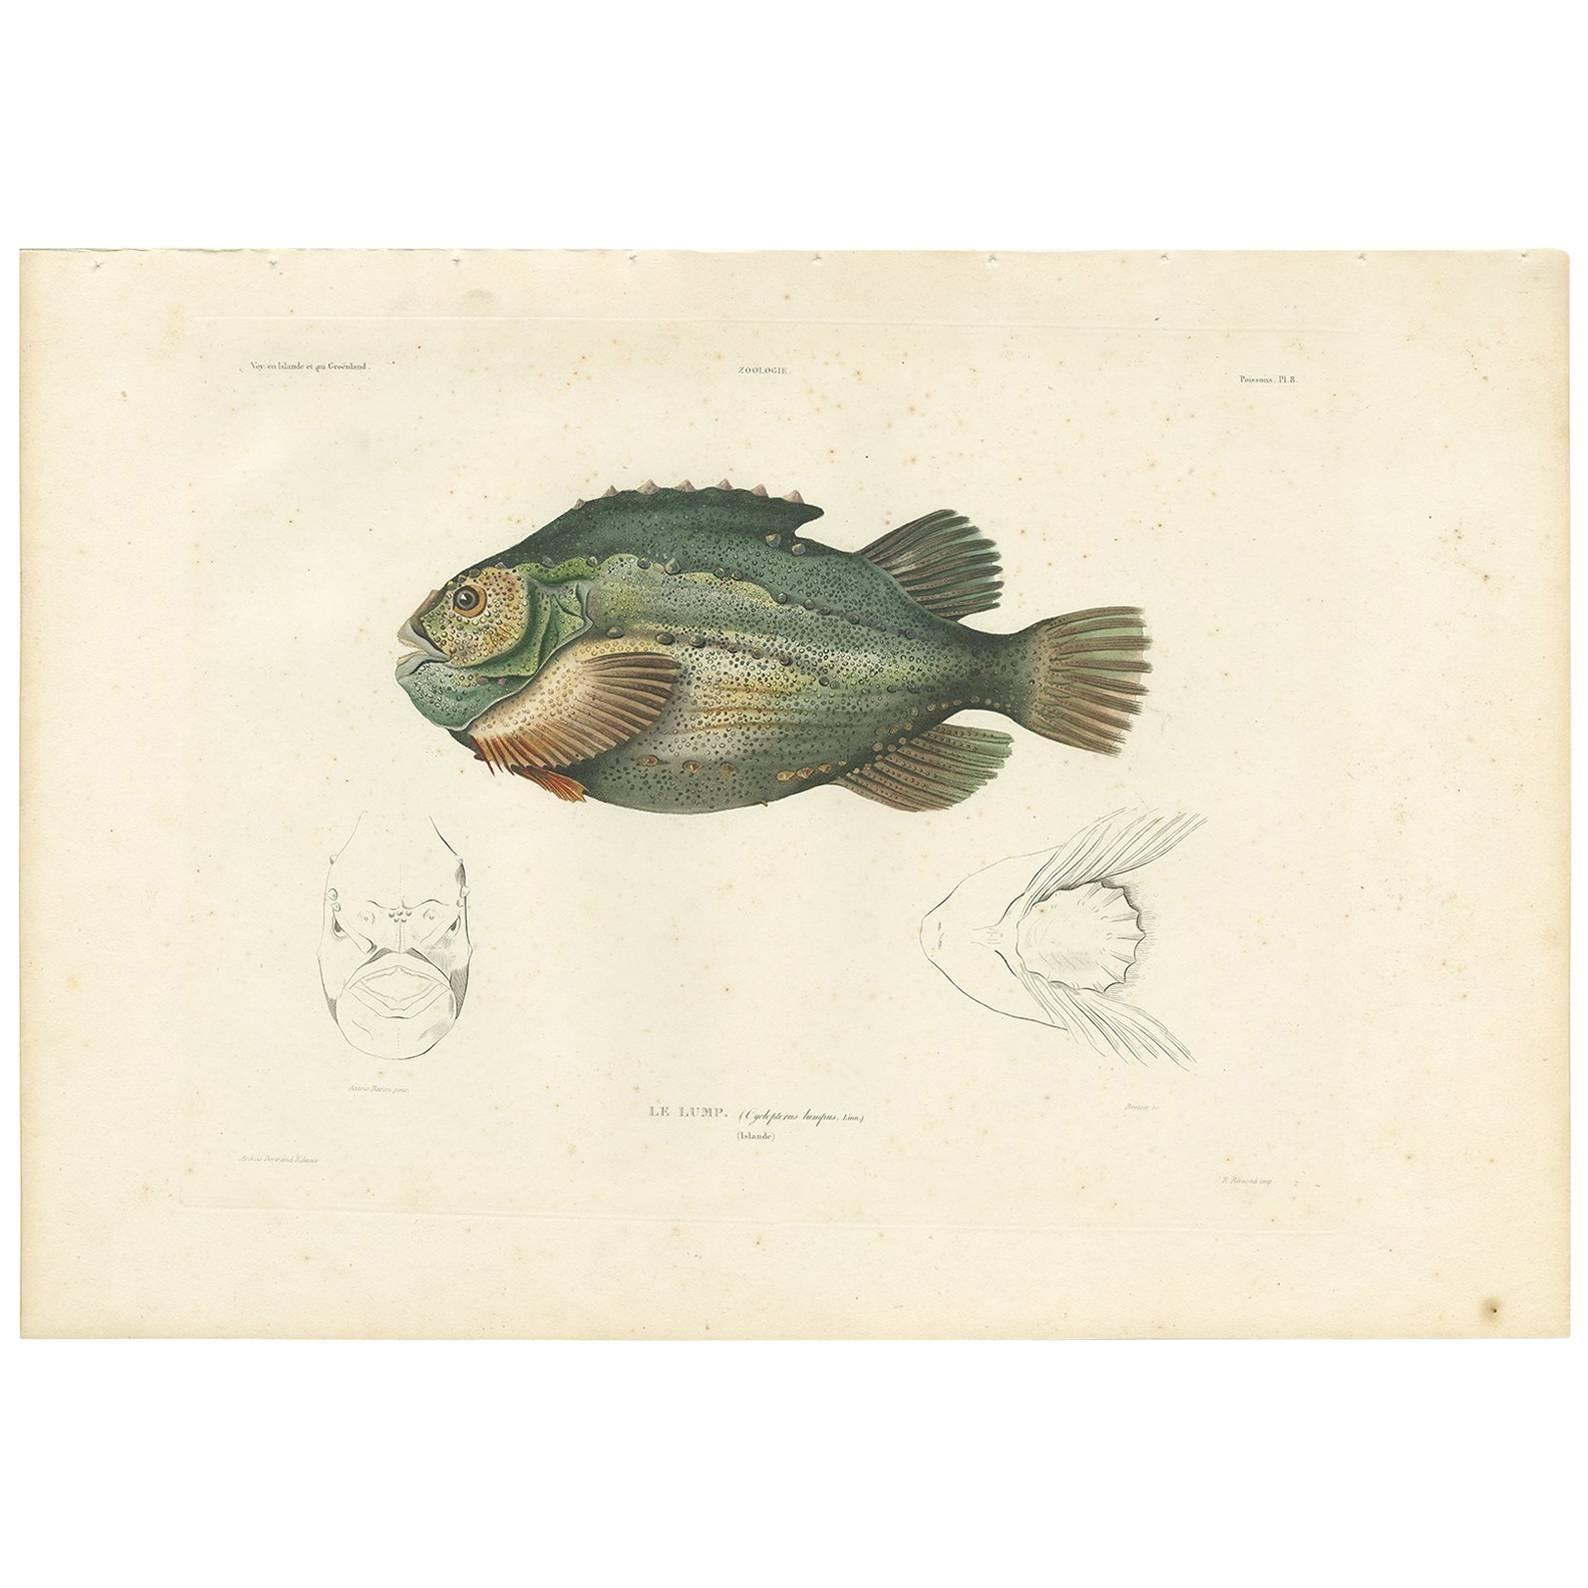 Antique Fish Print of the Lumpsucker or Lumpfish by M. P. Gaimard, 1842